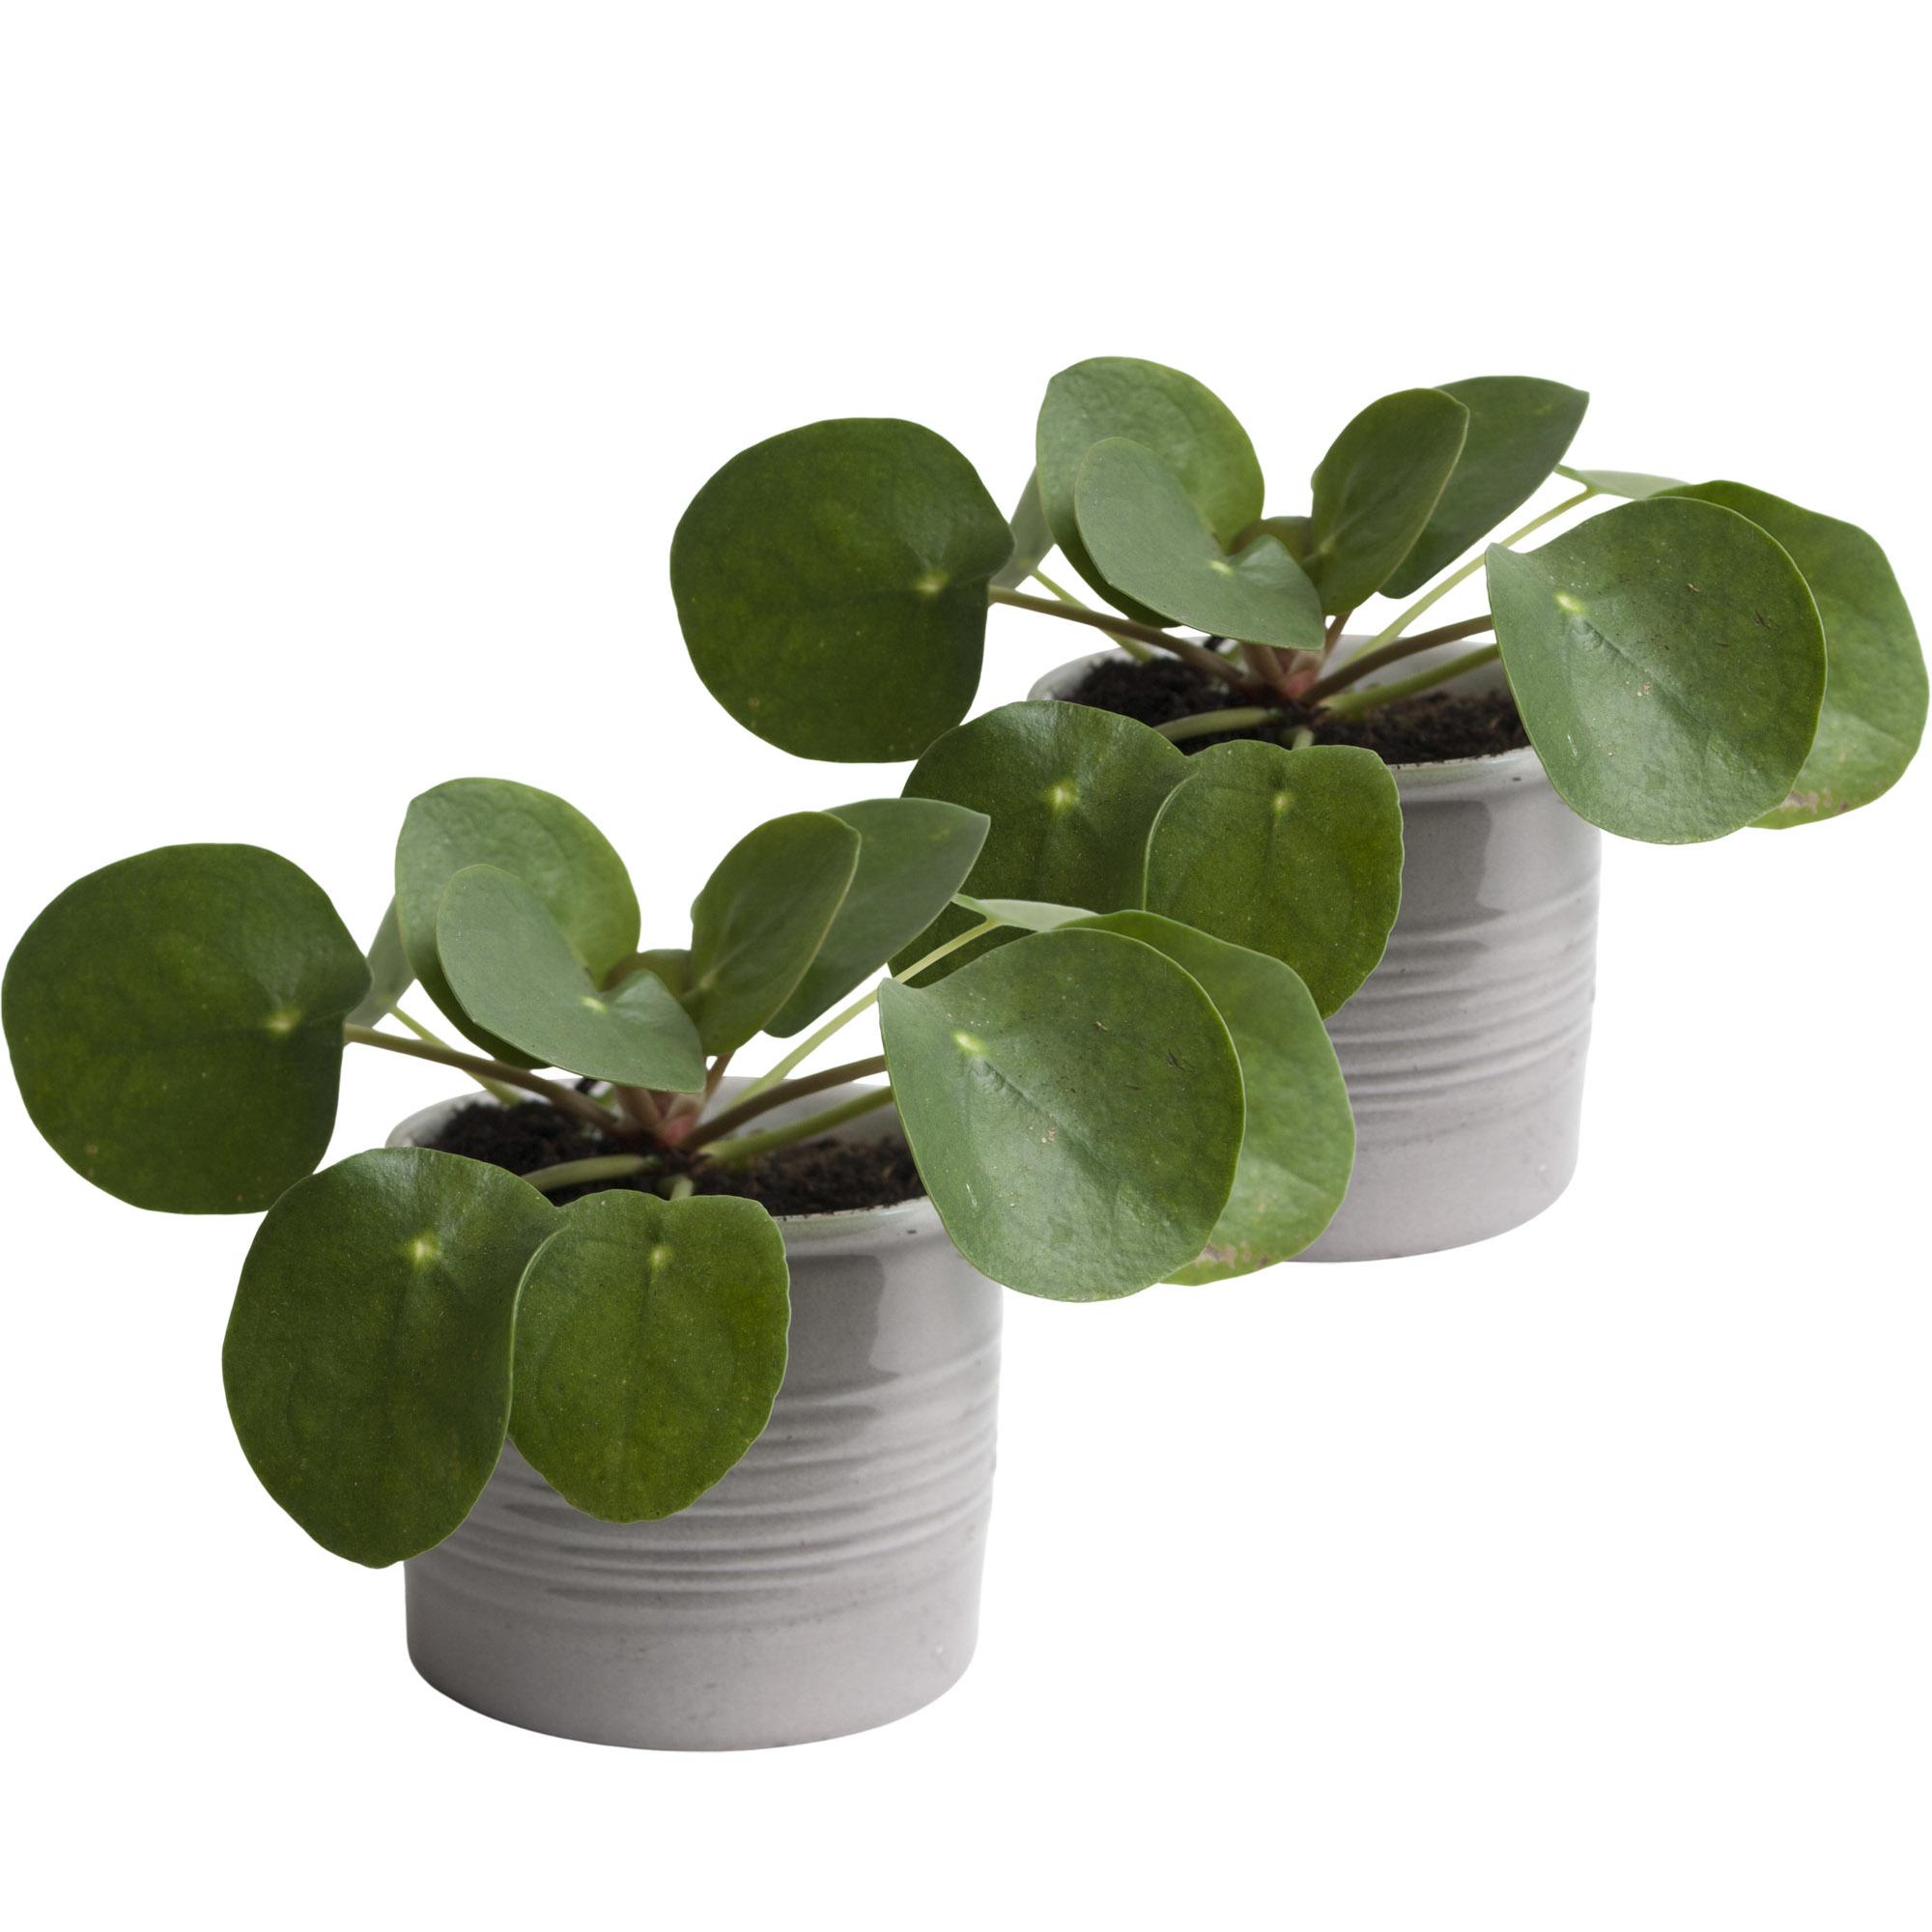 Duo Pannenkoekplant in keramiek (grijs) (10x12 cm)